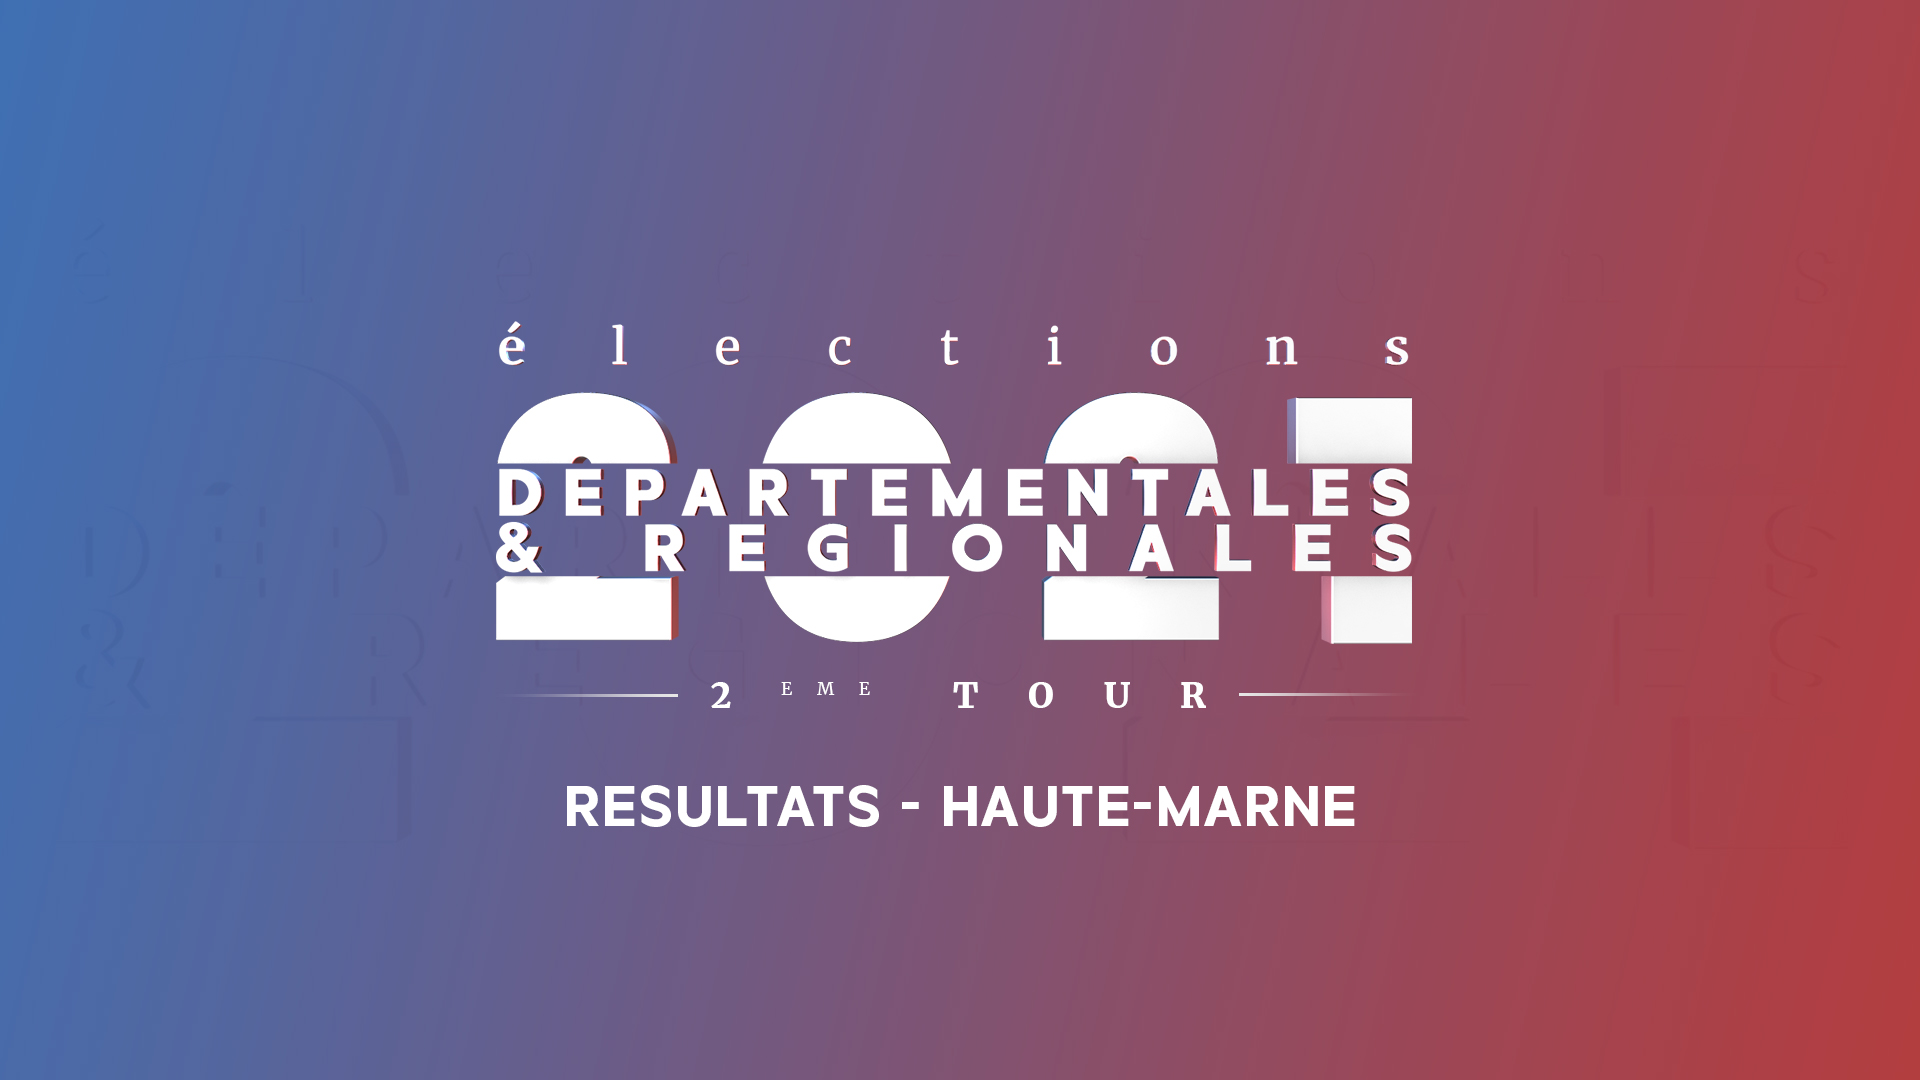 resultats haute-marne departementales et regionales